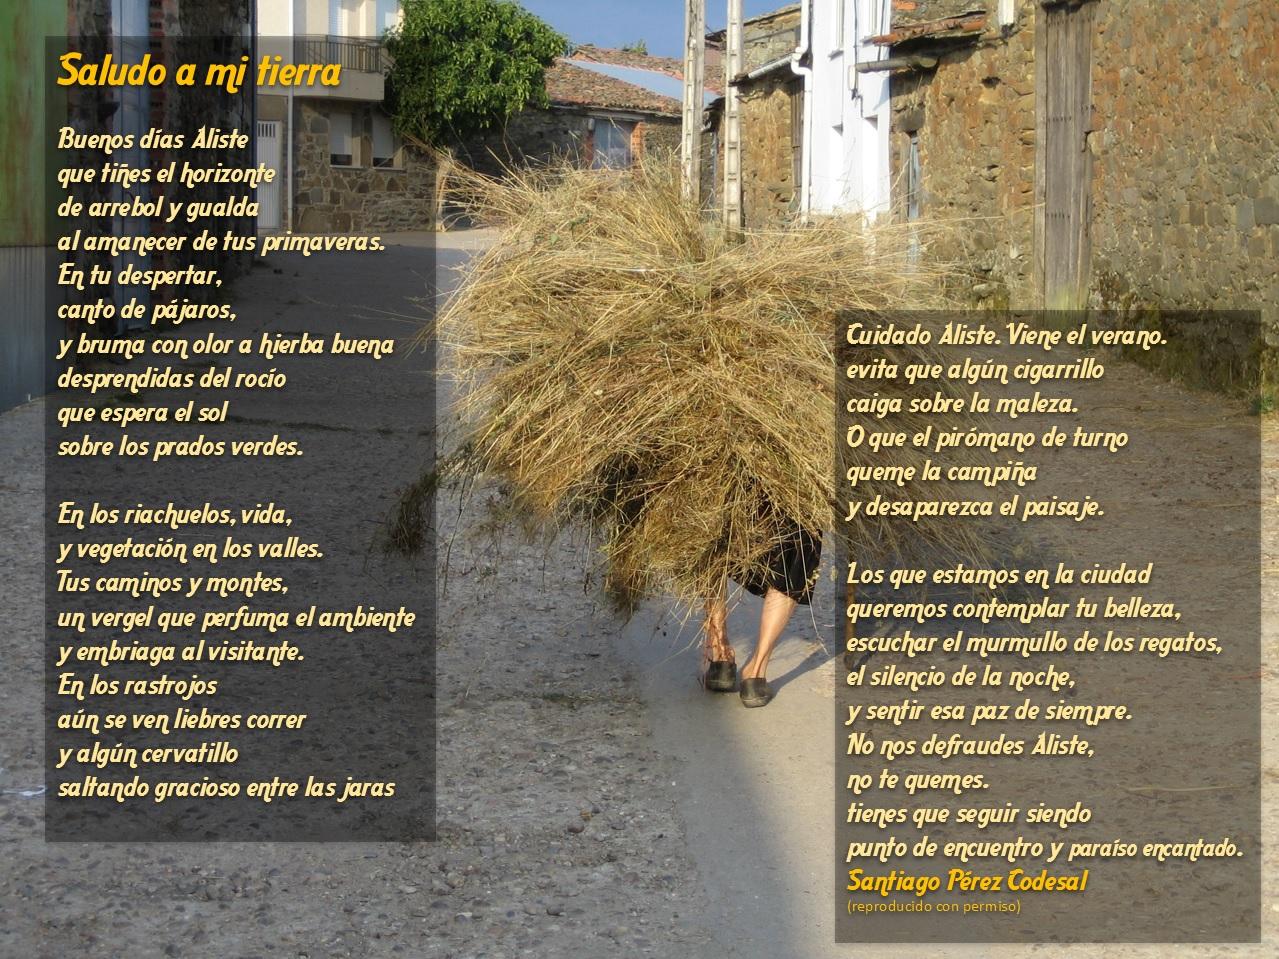 Poema sobre Aliste Las Obreras de Aliste Santiago Pérez Codesal